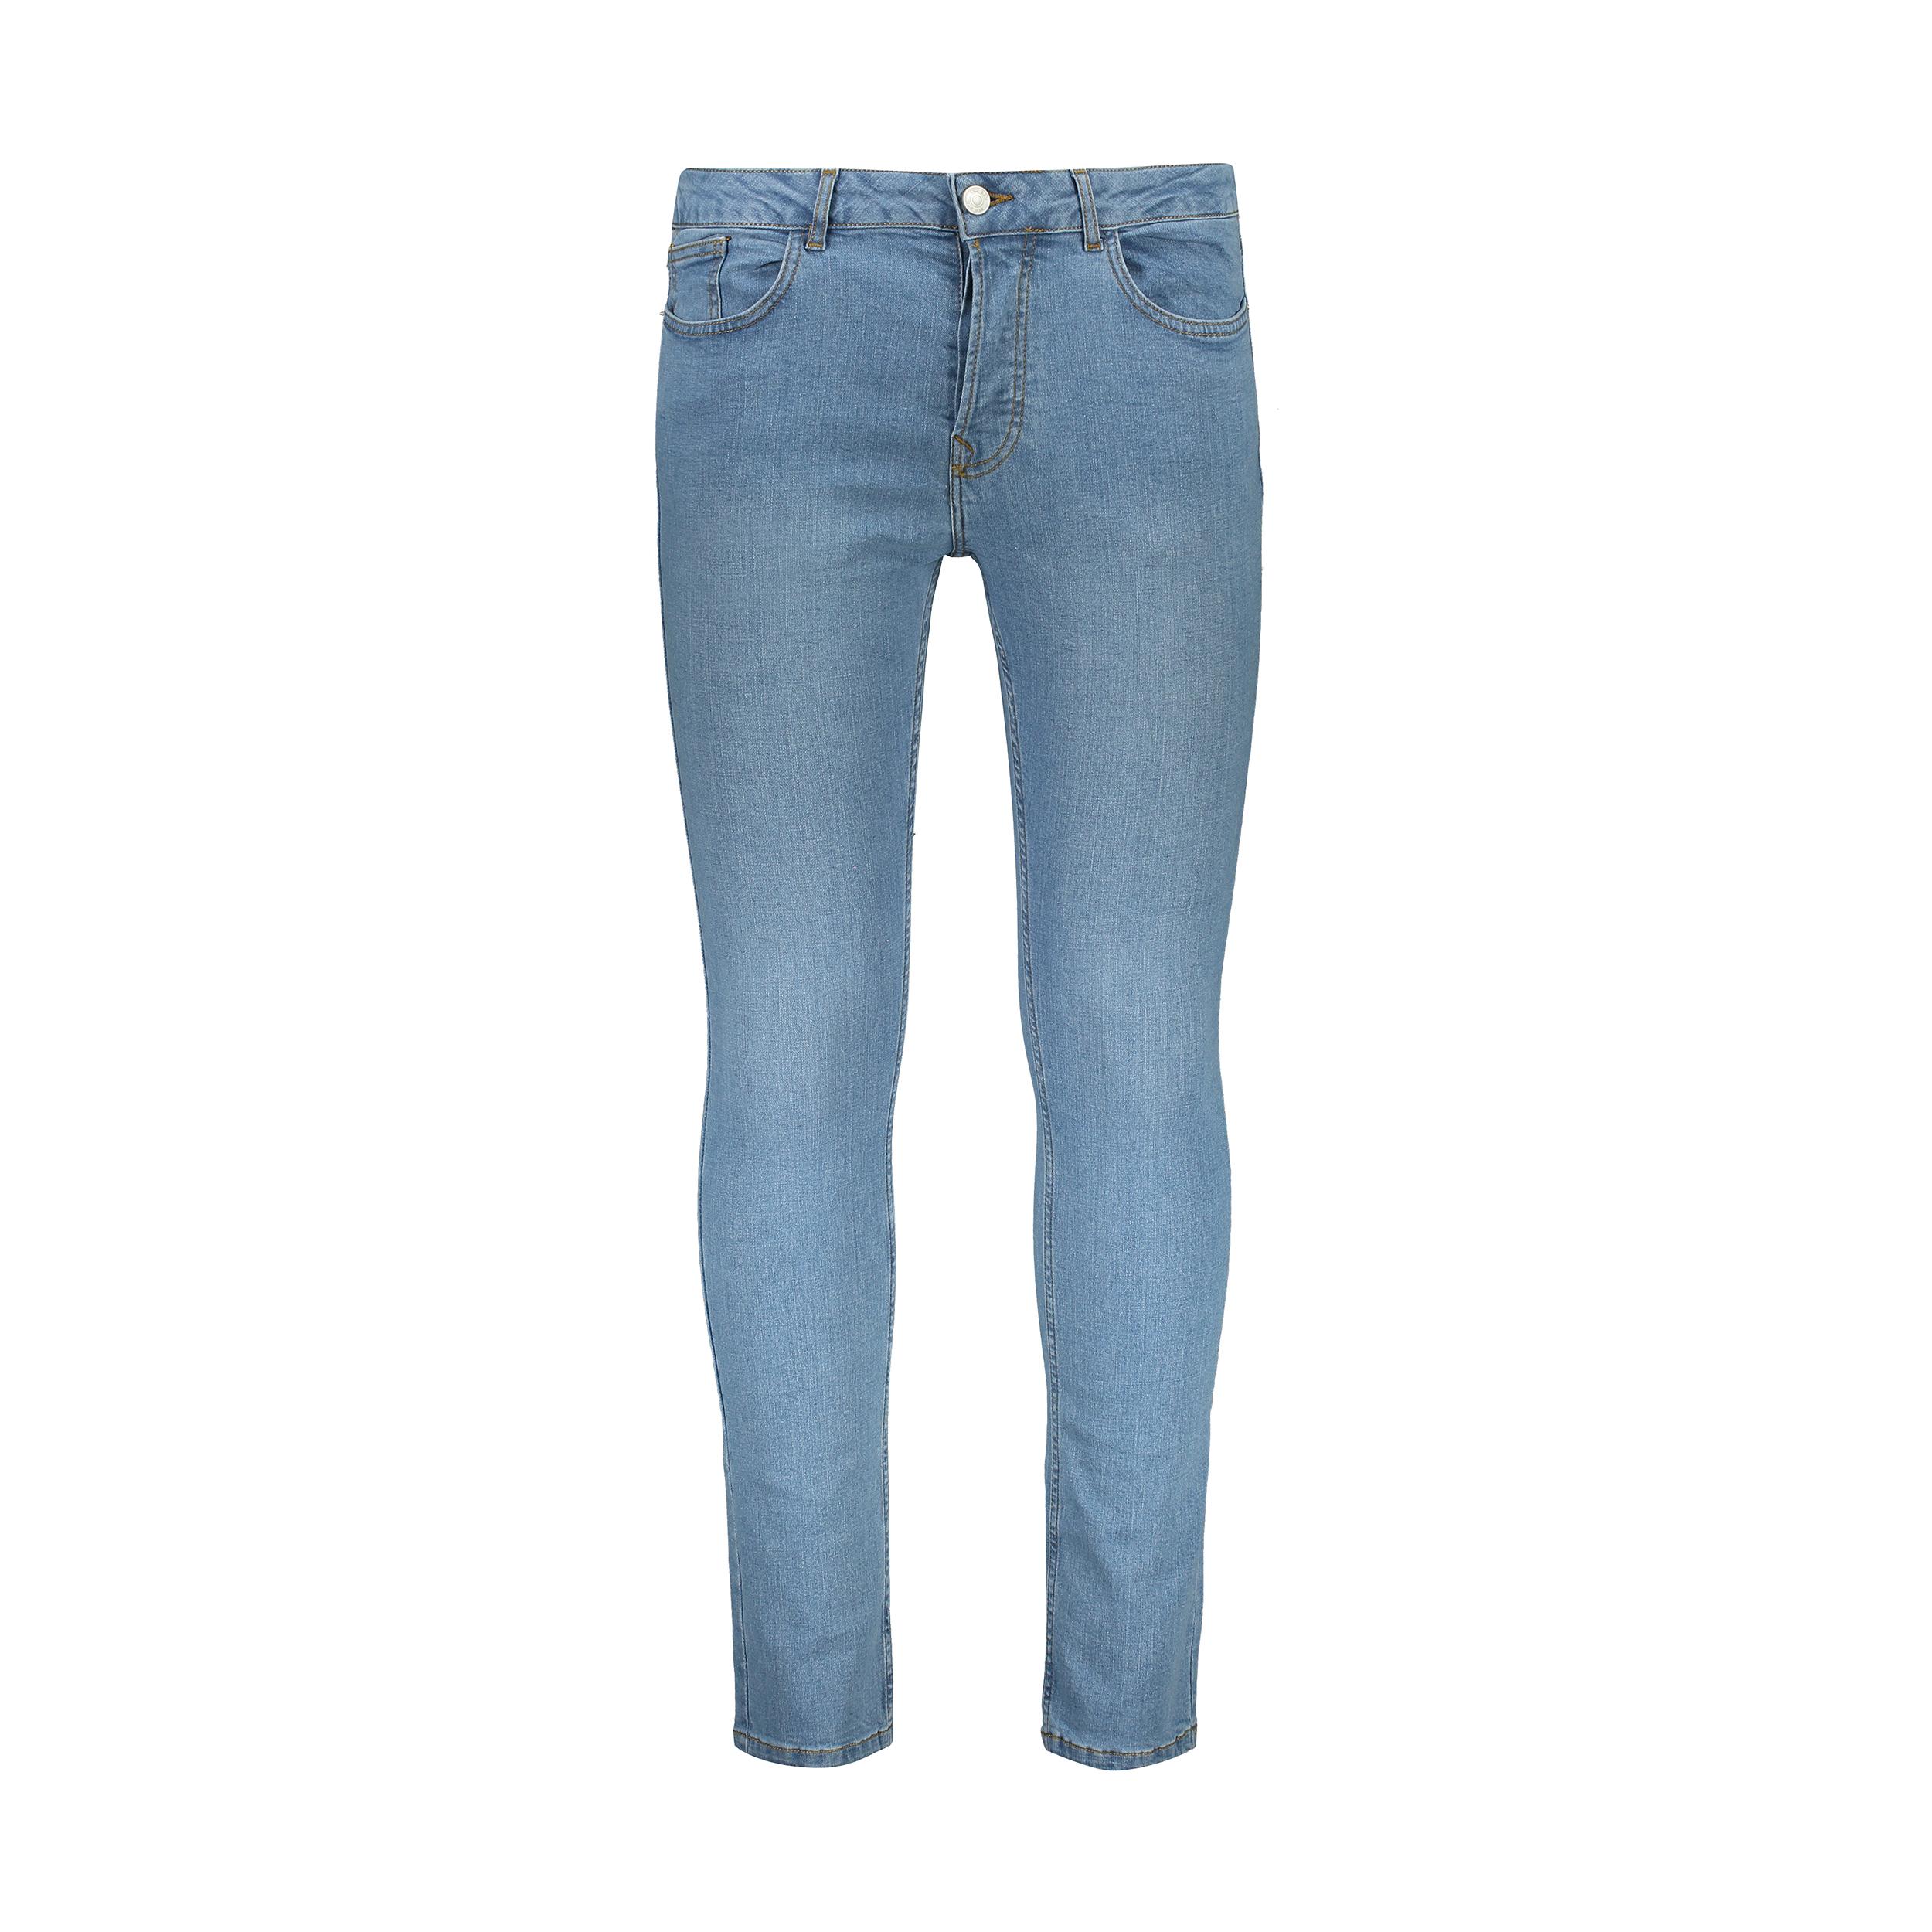 شلوار جین مردانه آر ان اس مدل 133033-50